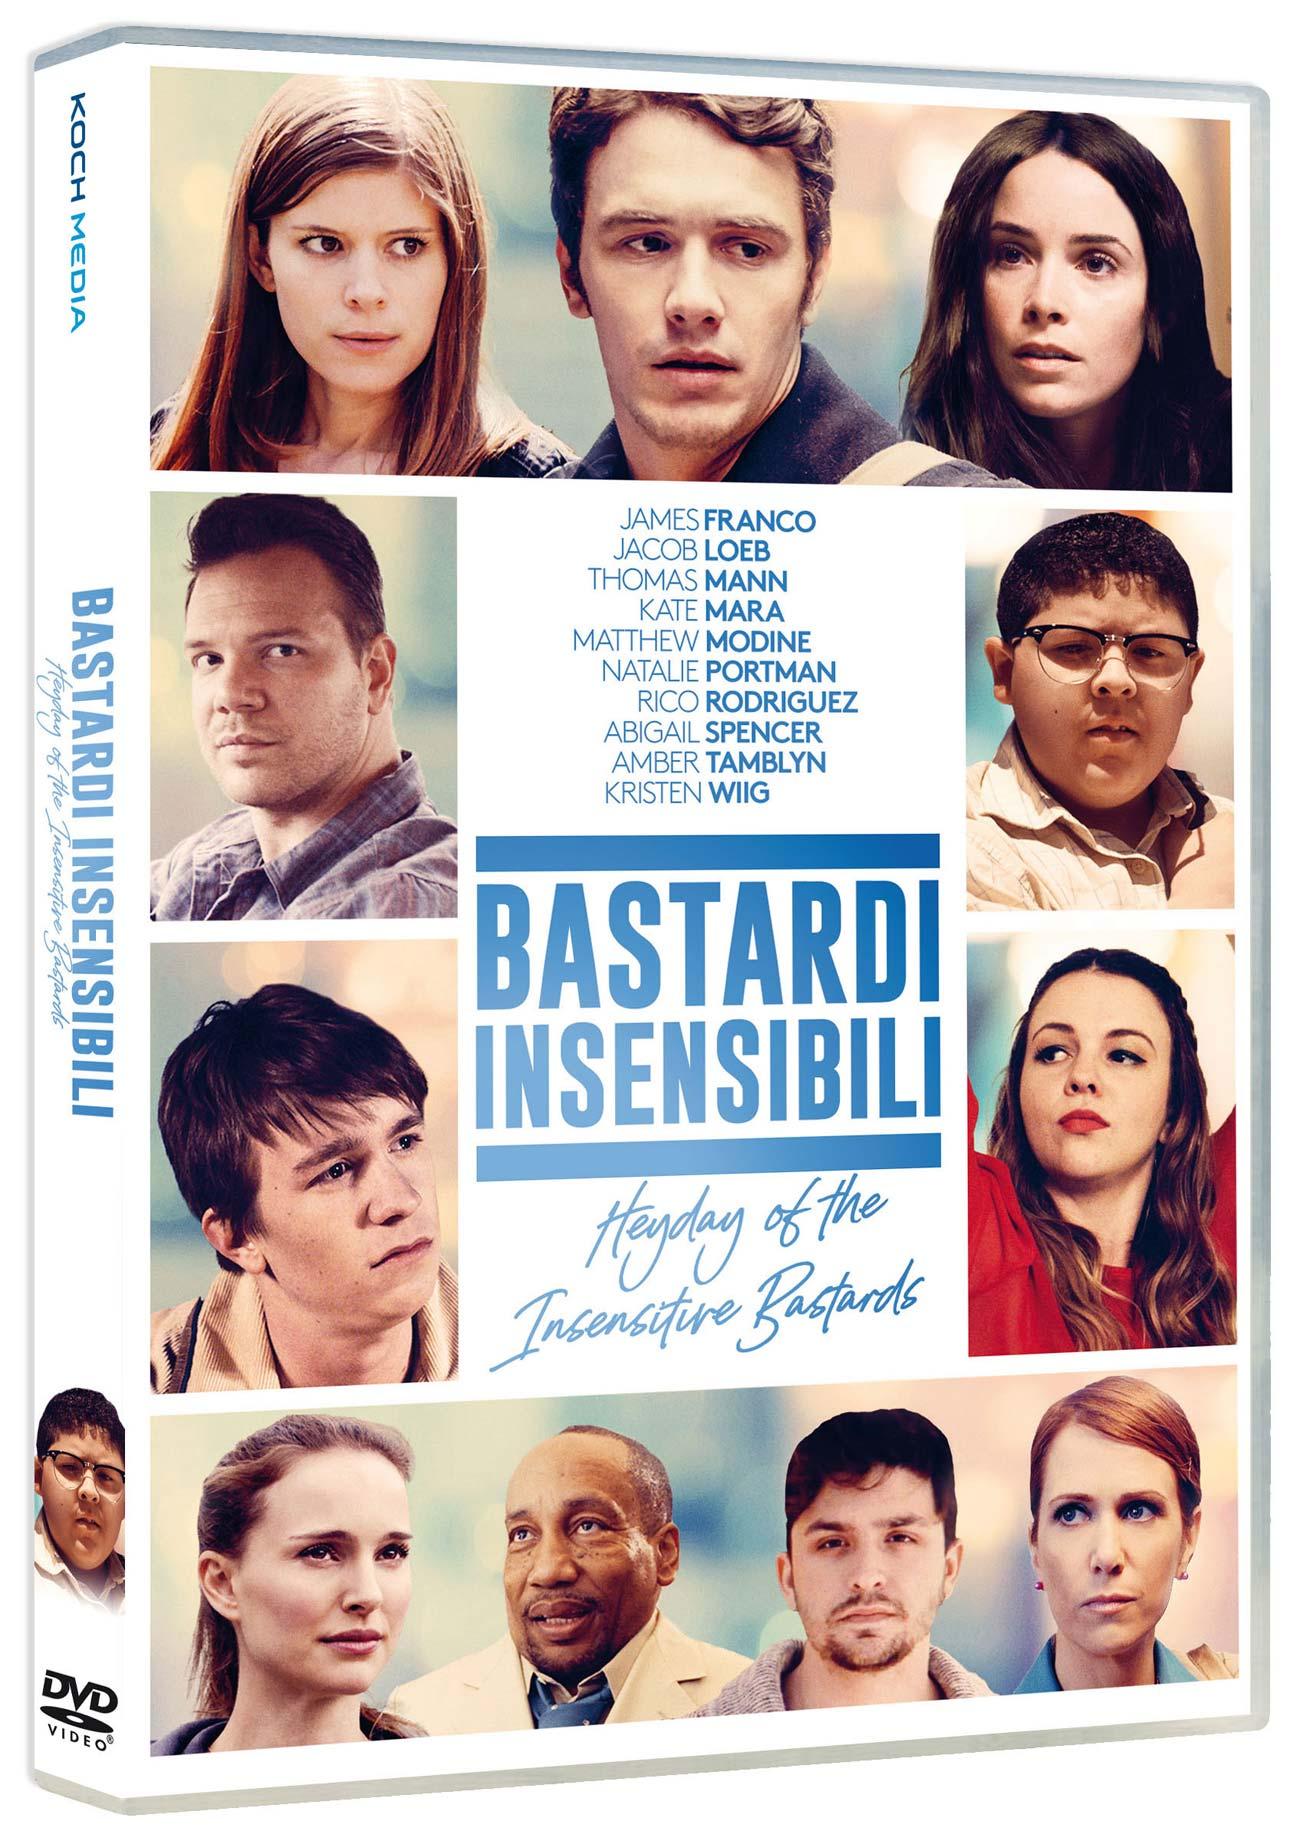 BASTARDI INSENSIBILI (DVD)